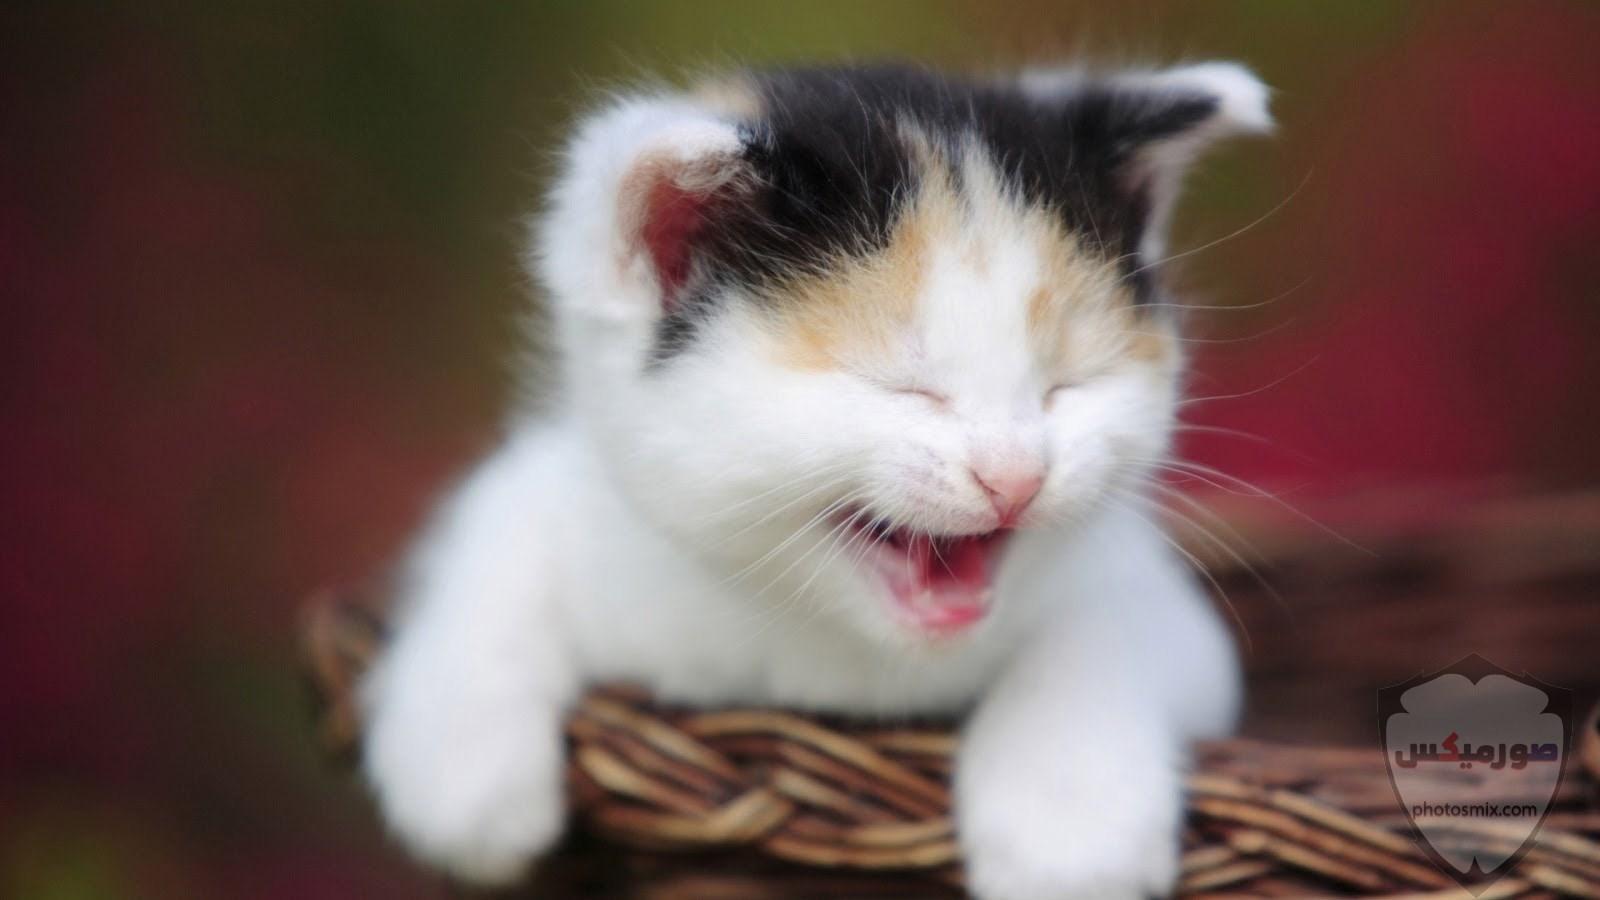 صور خلفيات رمزيات قطط كيوت صورة قطة كيوت جدا 45